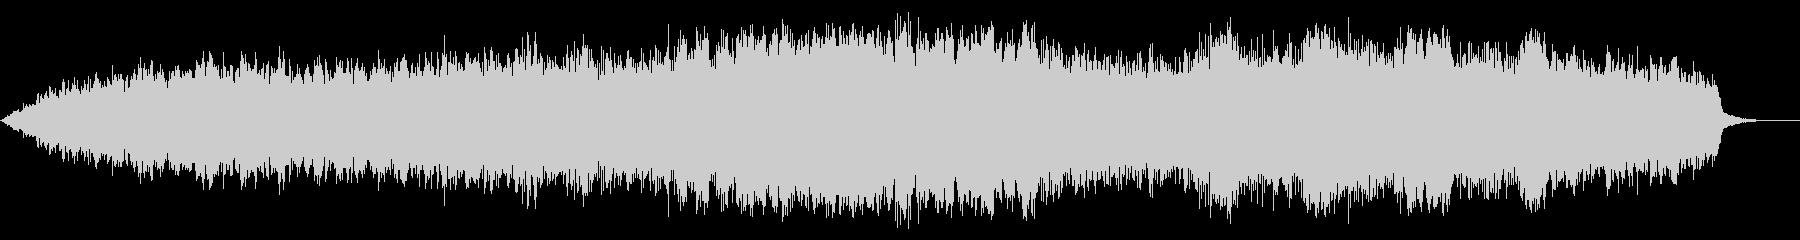 上昇アクション:低音、SCI FI...の未再生の波形